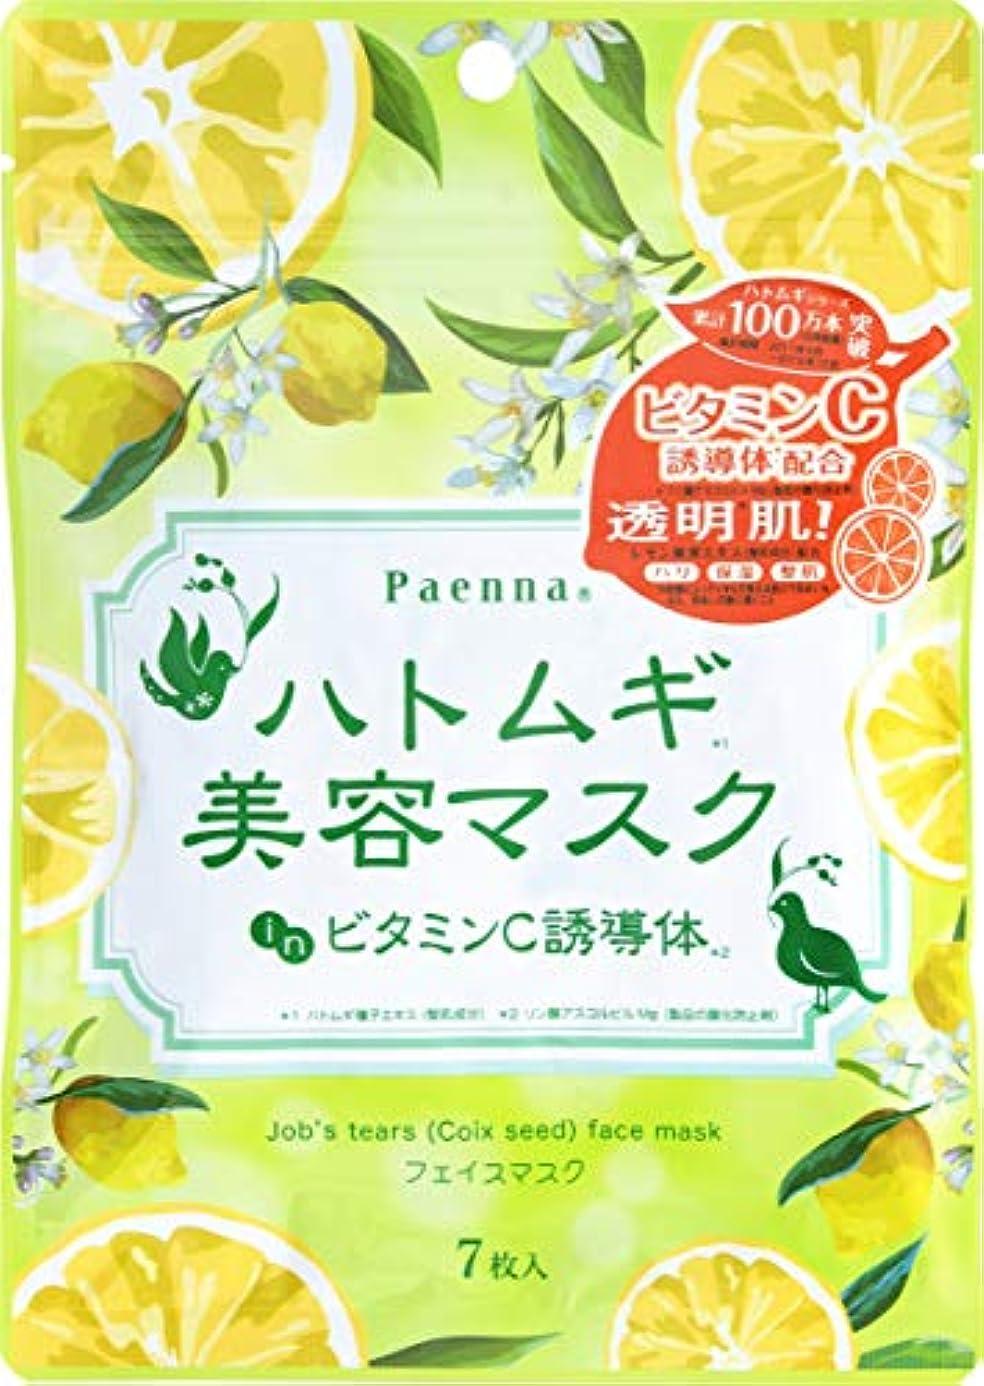 証言する鈍いささいなパエンナ ハトムギ美容マスク inビタミンC誘導体 7枚(90ml)